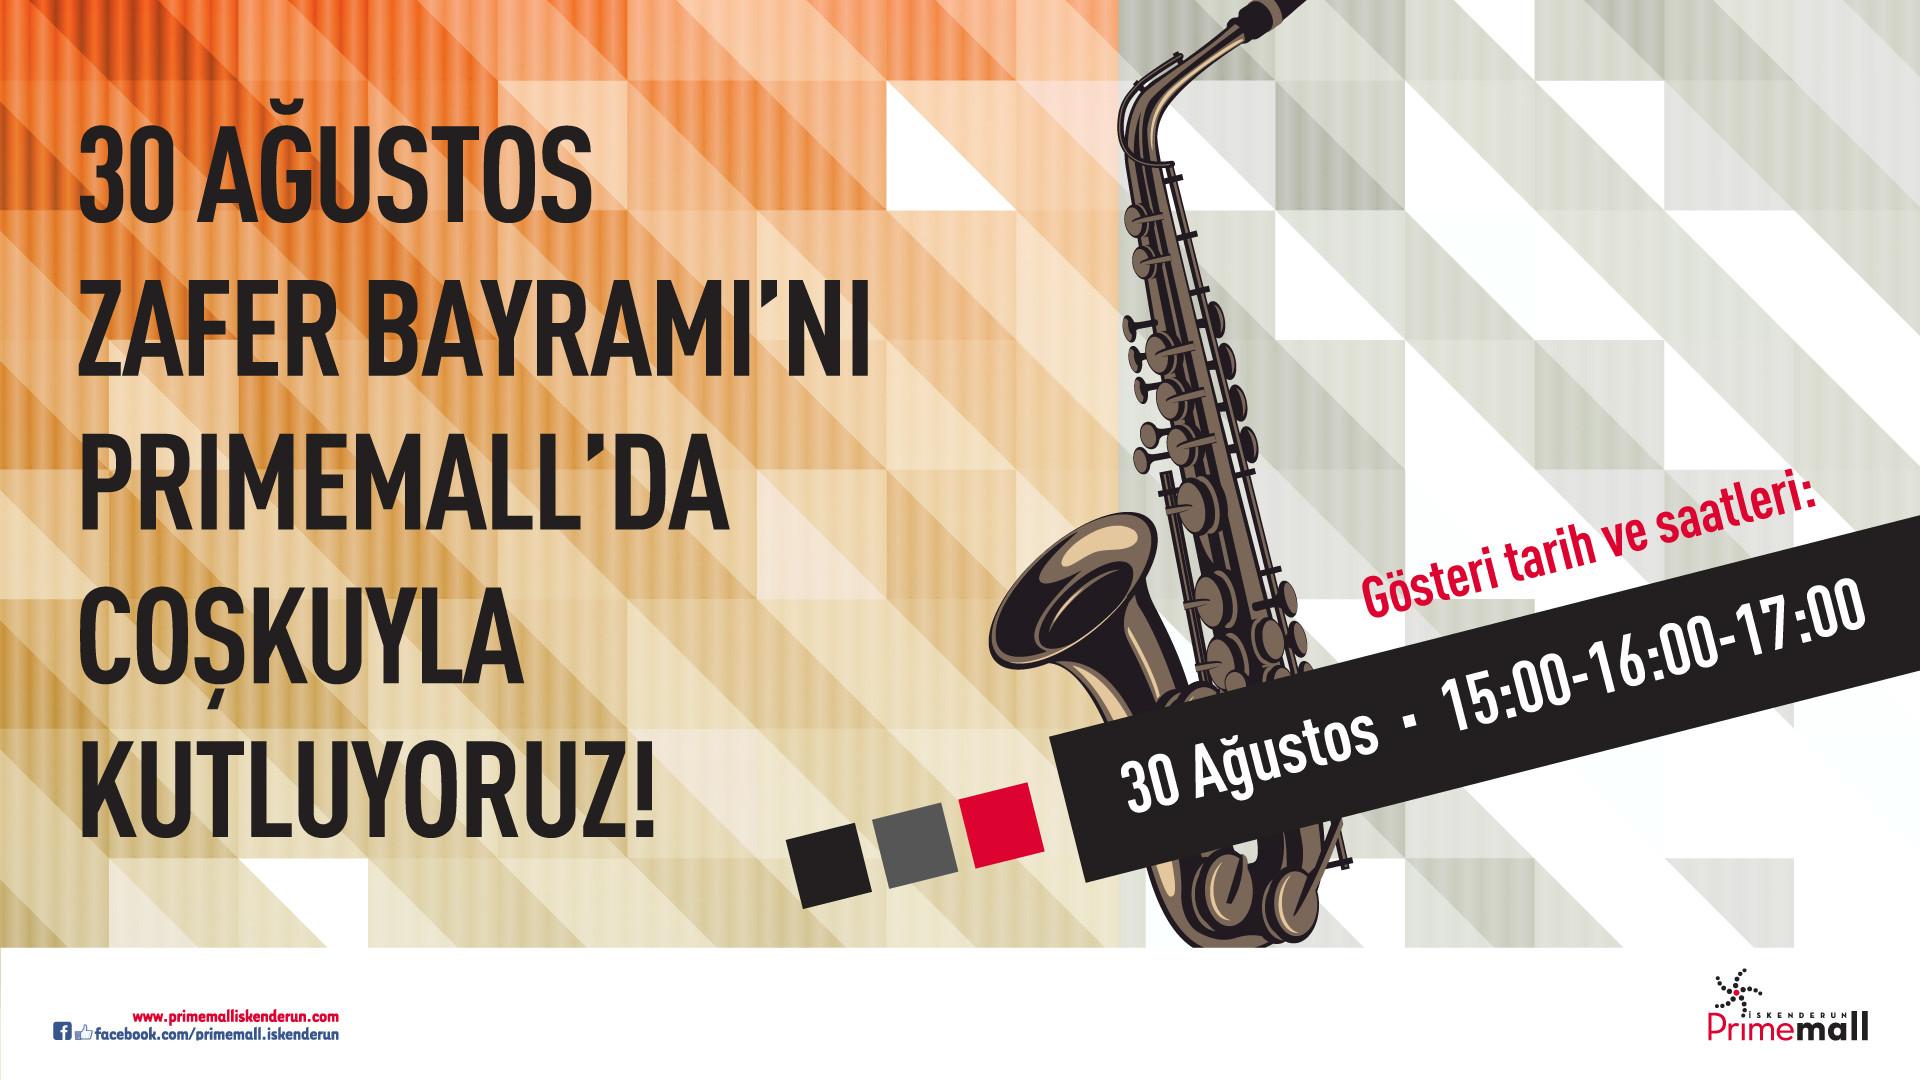 30 Ağustos Zafer Bayramı'nı Primemall'da Coşkuyla Kutluyoruz!